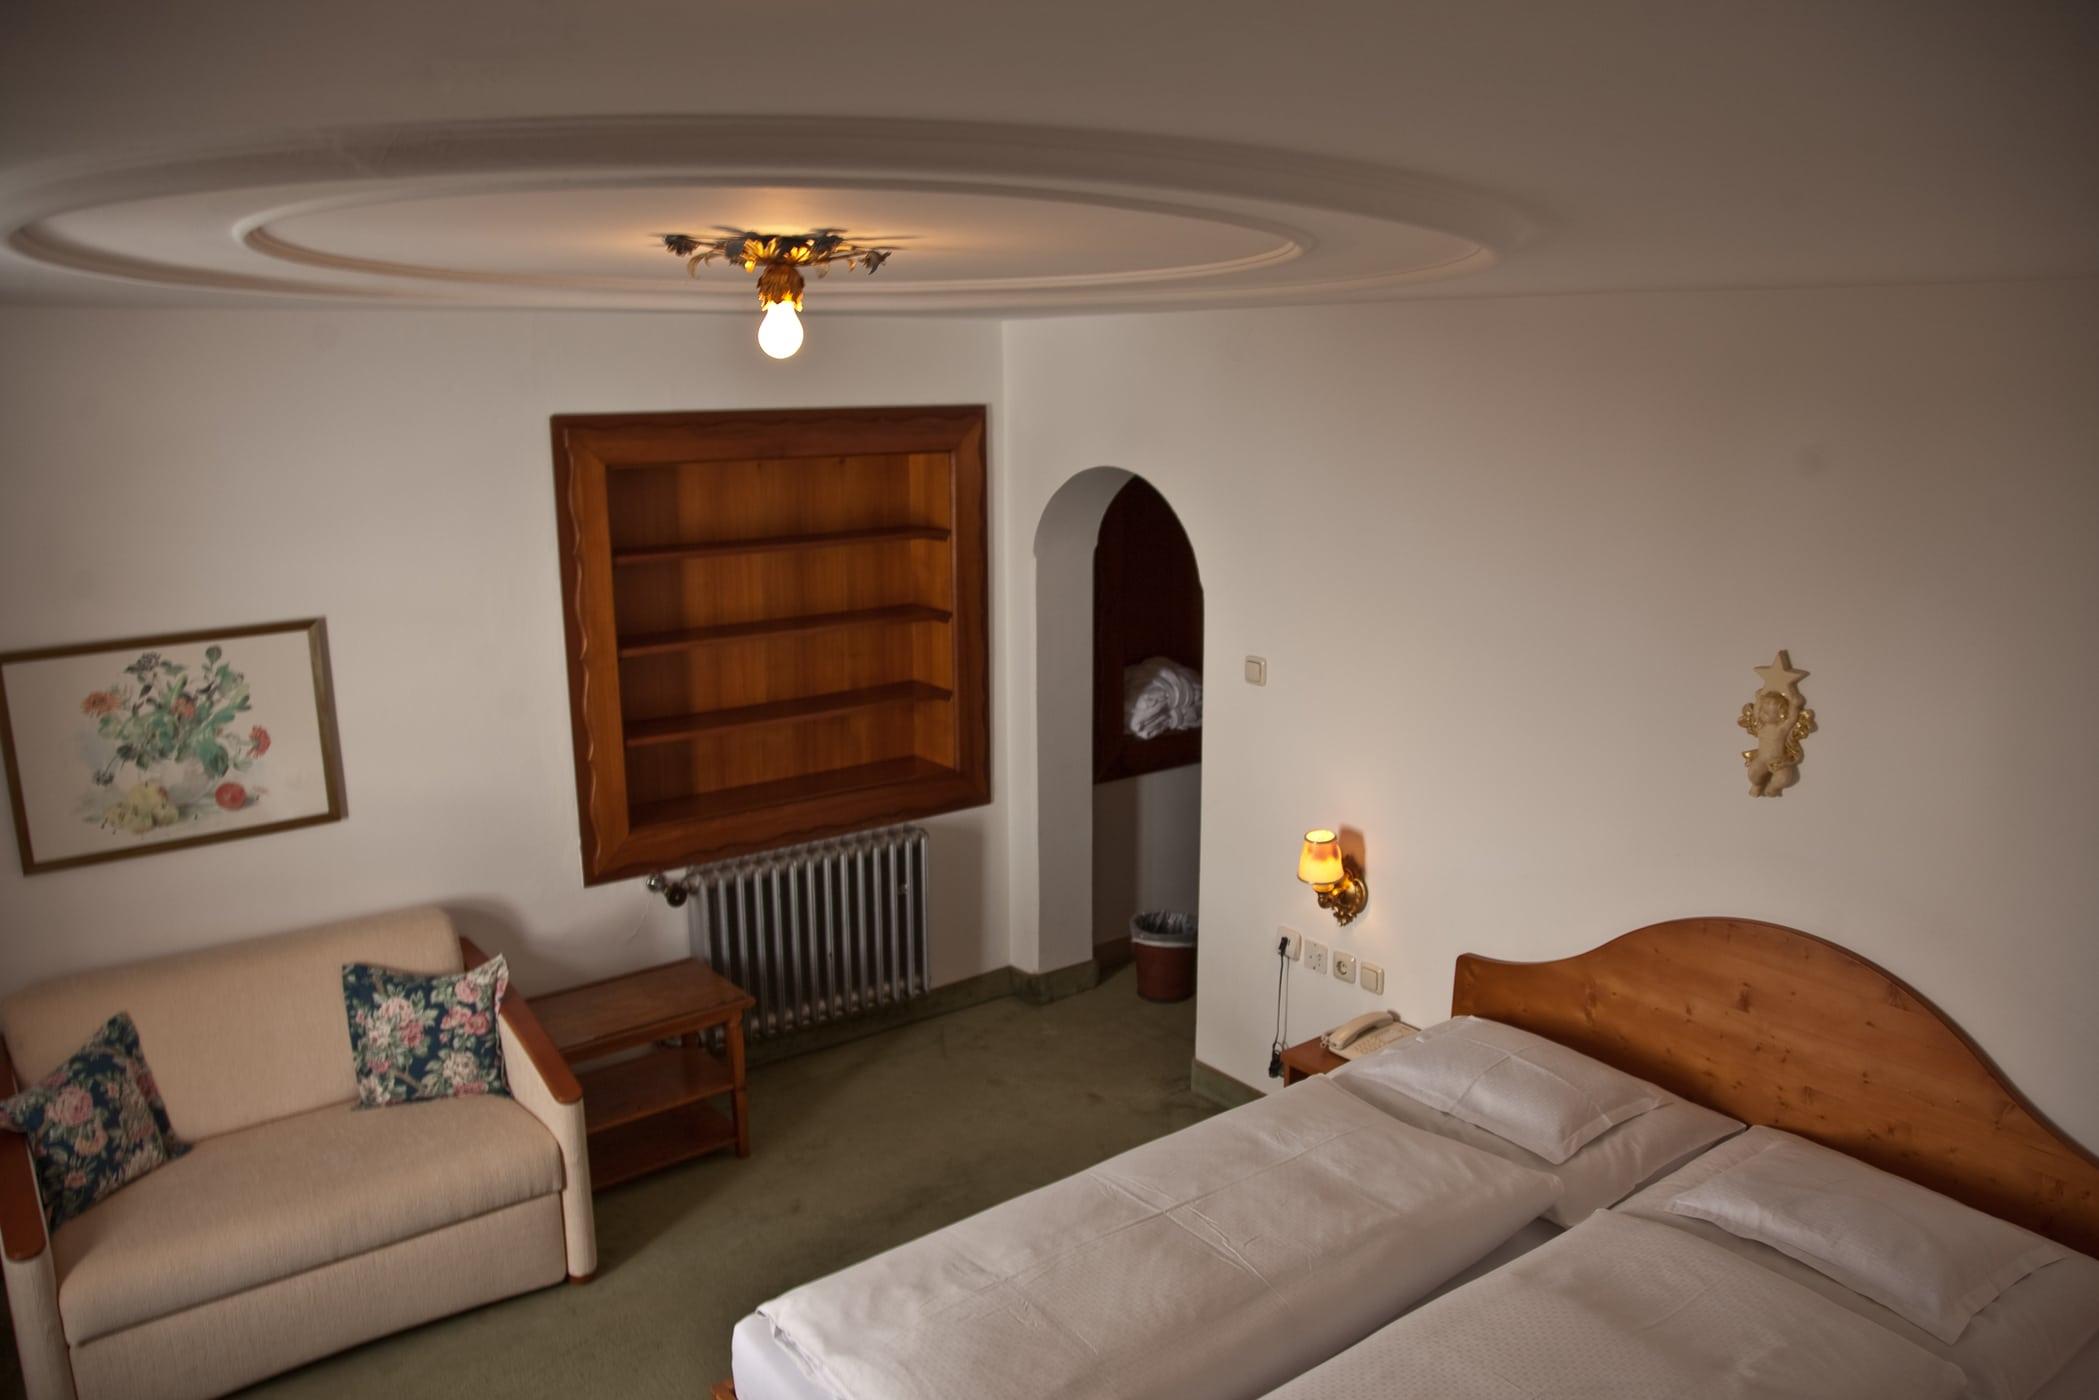 zimmer-urlaub-arlberg-zimmer-flexen-1e-hotel-flexen-zuers-am-arlberg